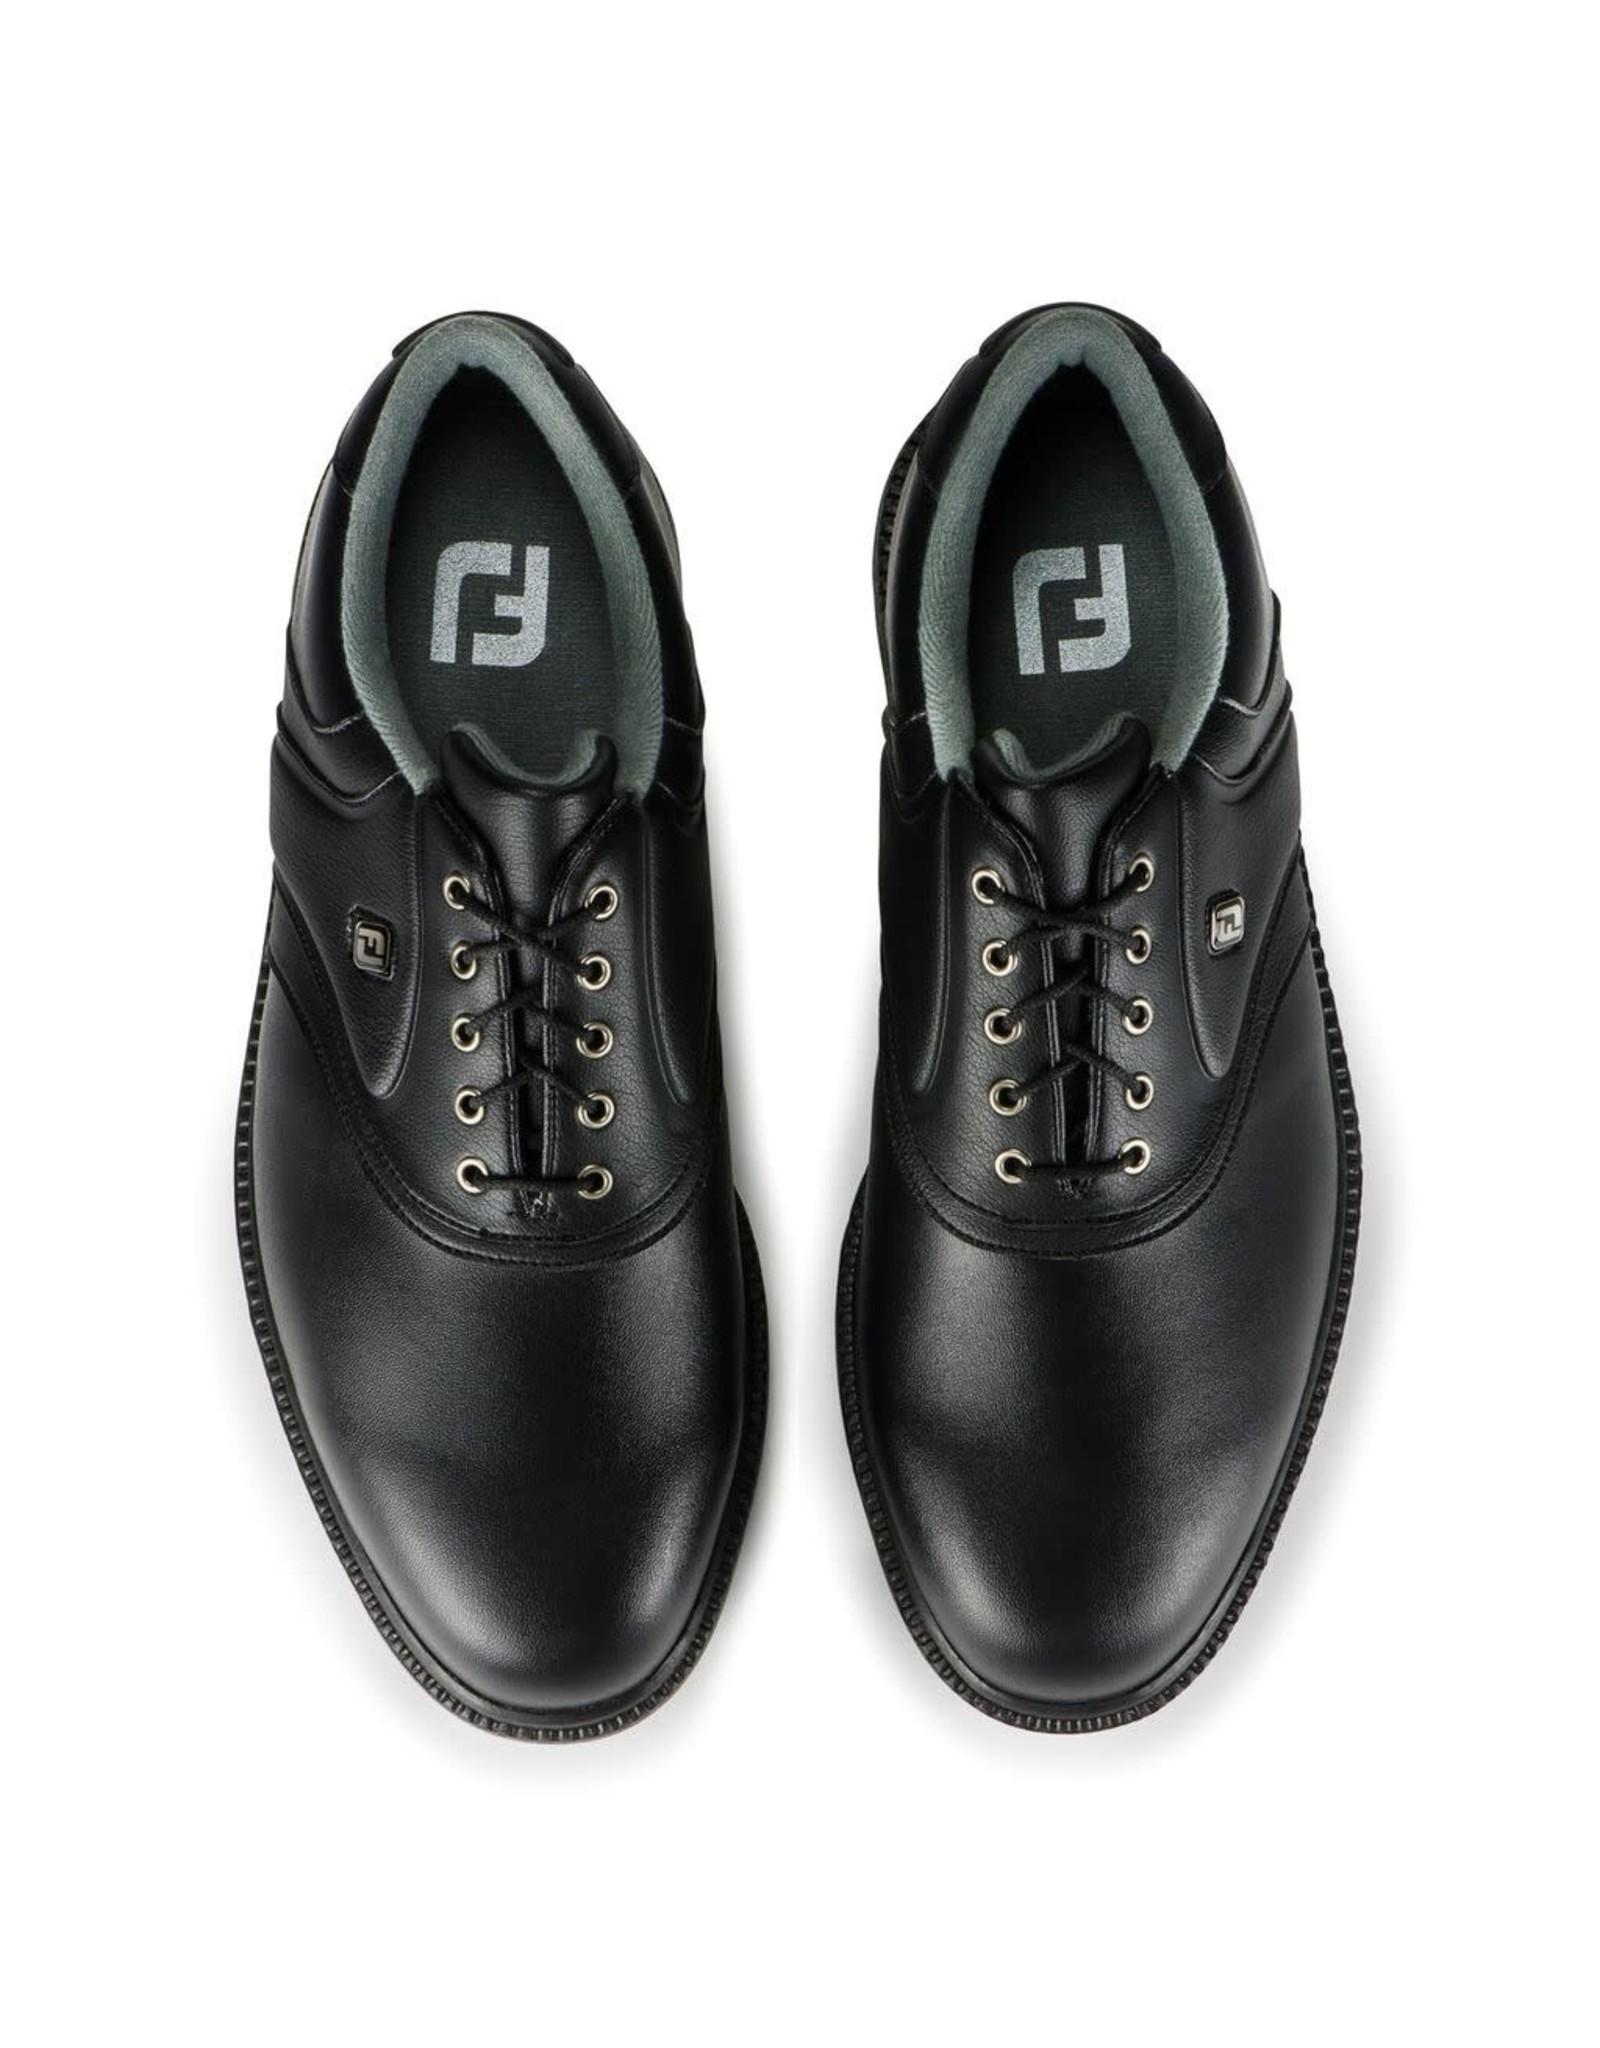 FJ FJ Originals Black